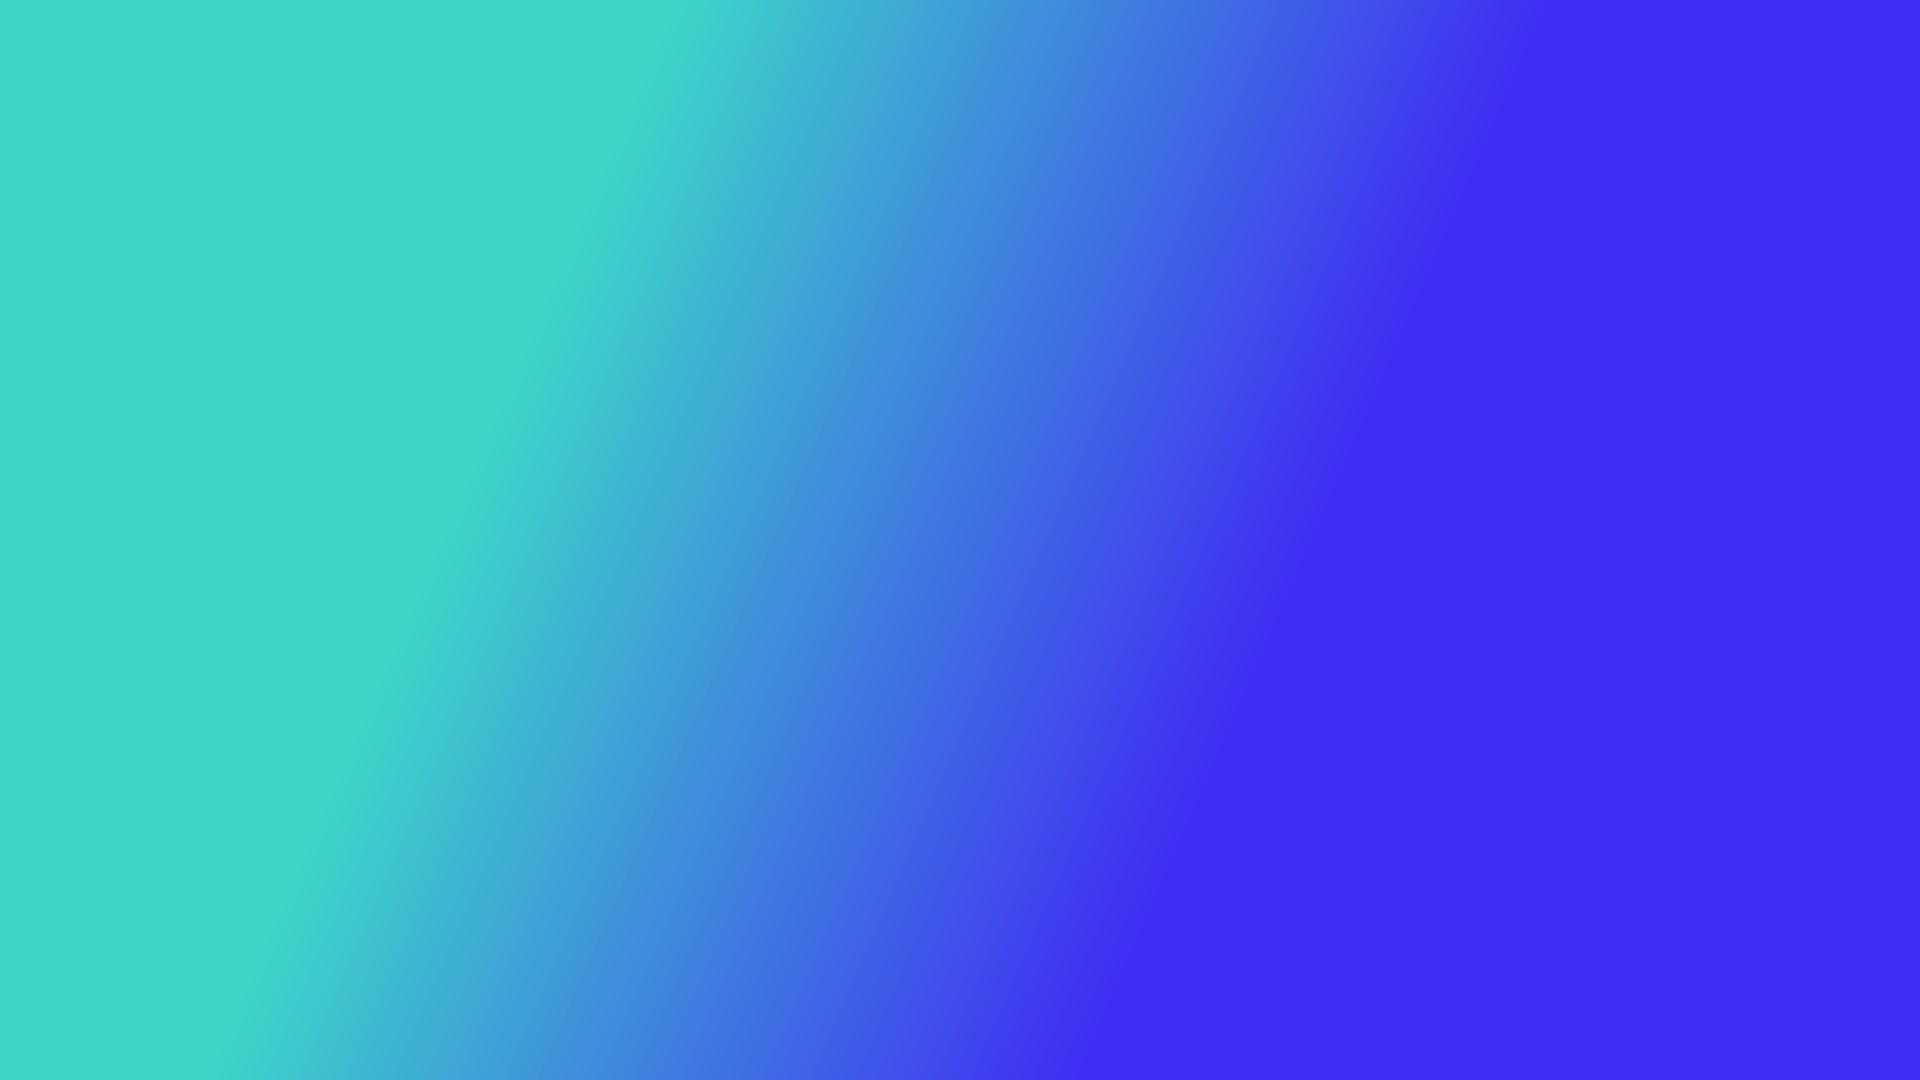 blue gradient background Gradient